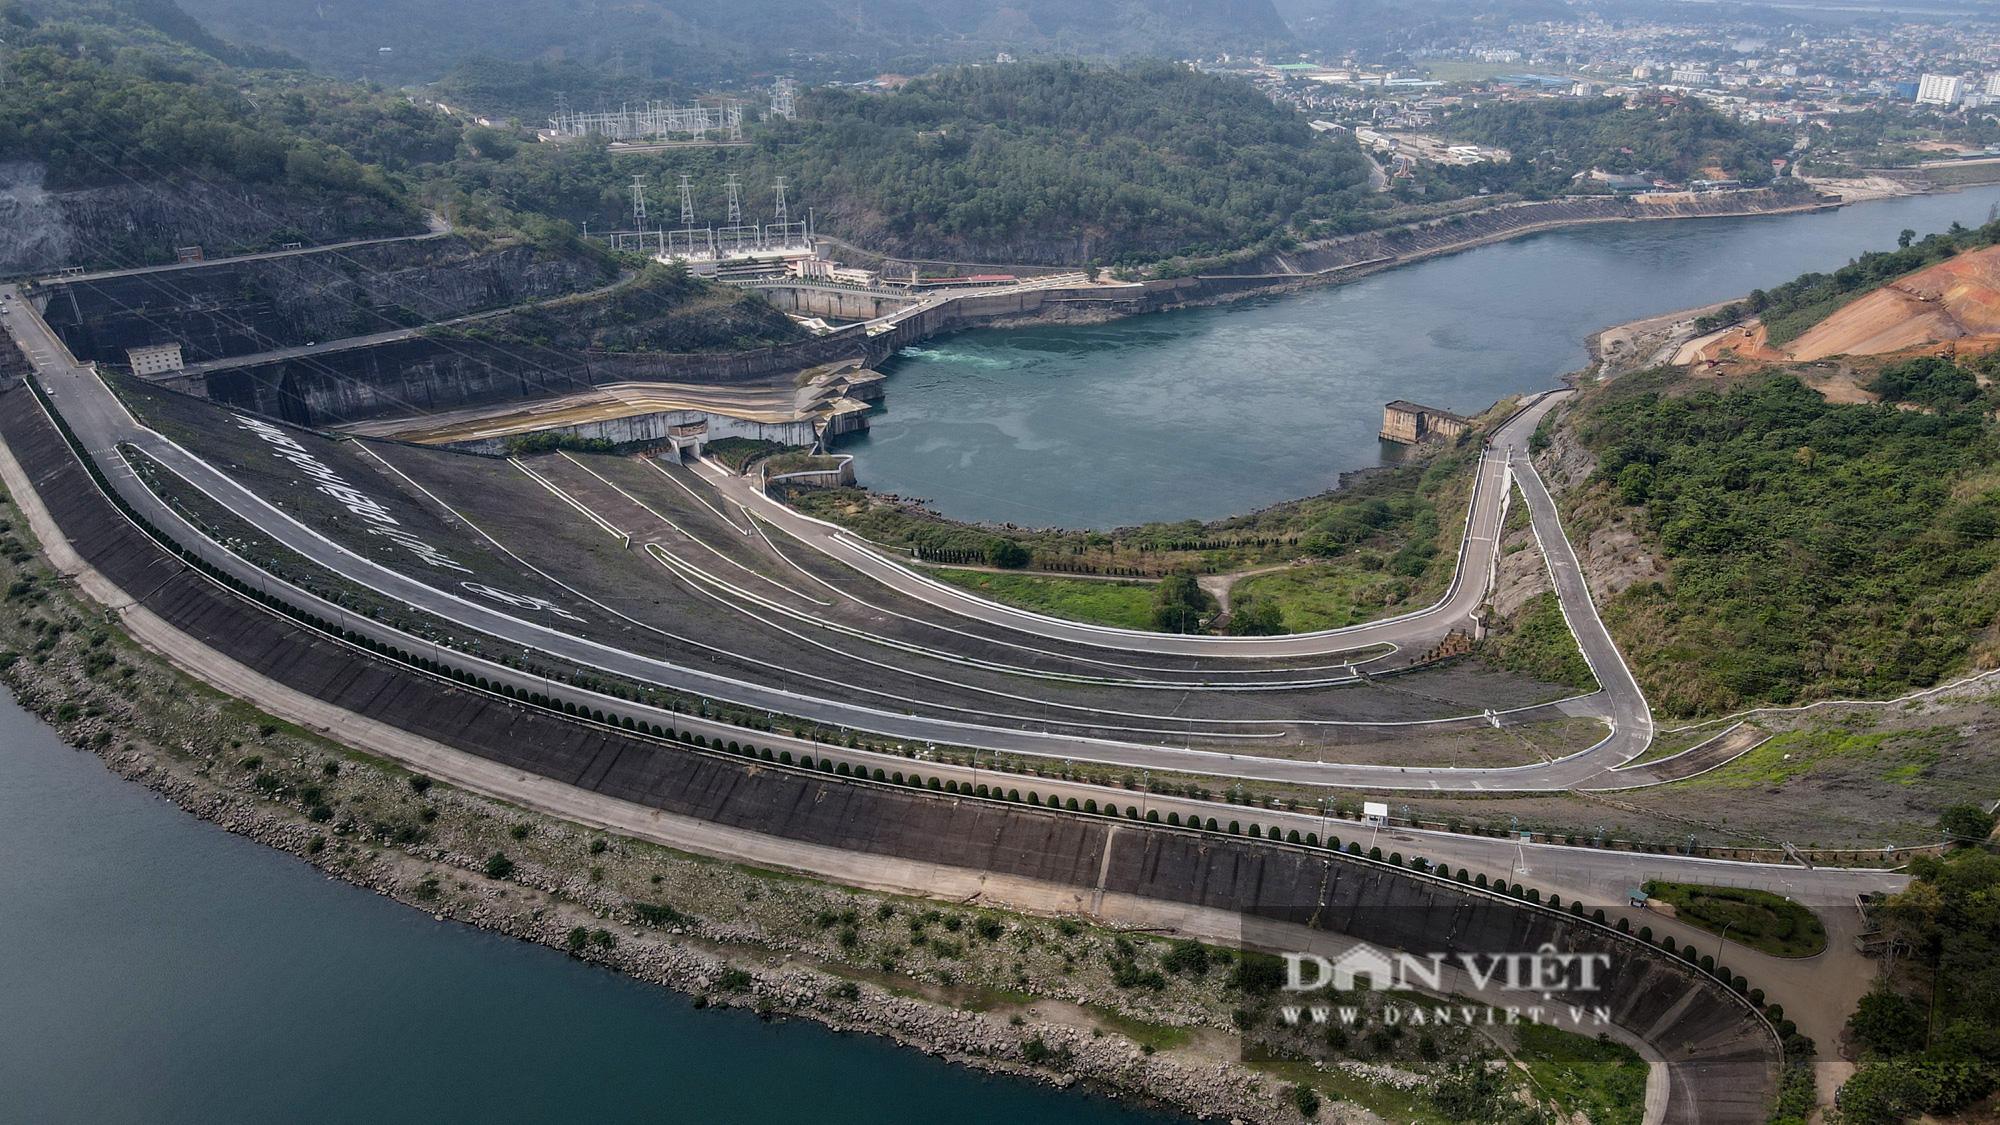 Công trình mở rộng nhà máy thuỷ điện Hoà Bình hơn 9000 tỷ nhìn từ trên cao  - Ảnh 2.